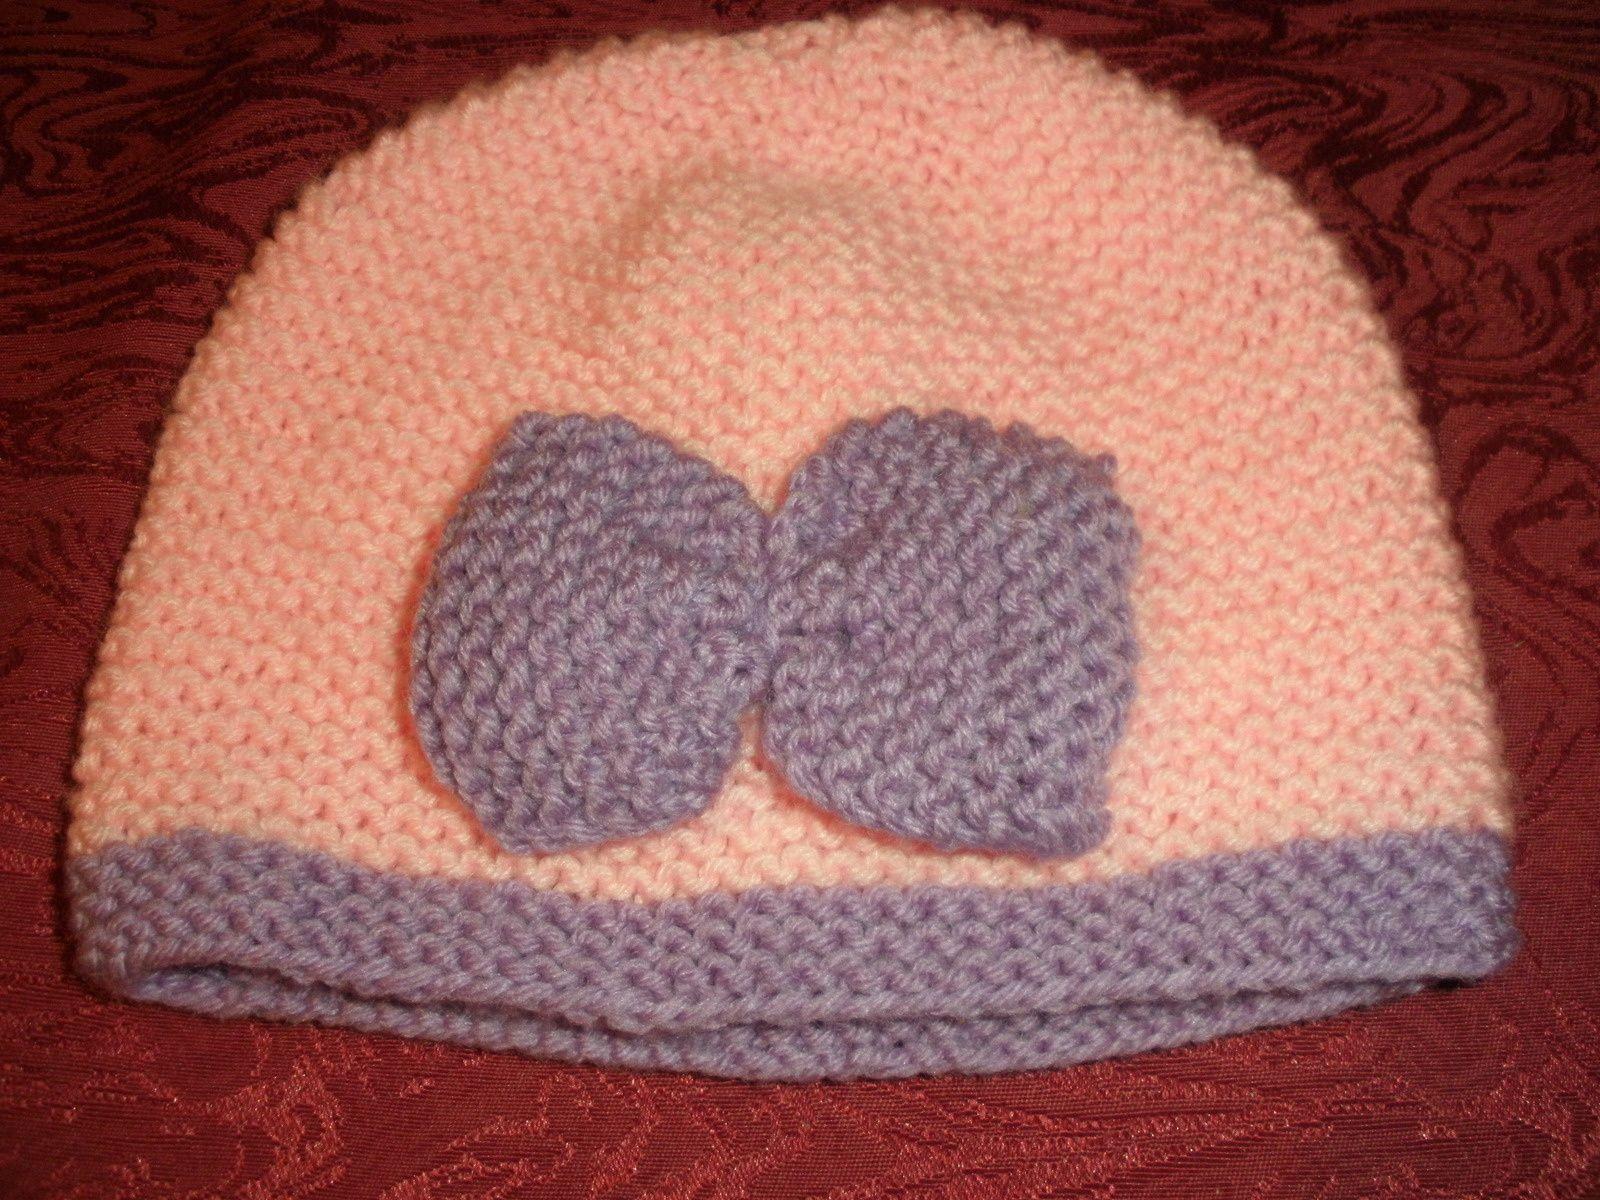 Les noeuds sont rajoutés sur les bonnets, le bouton de couleurs changeantes agrémente le bonnet.